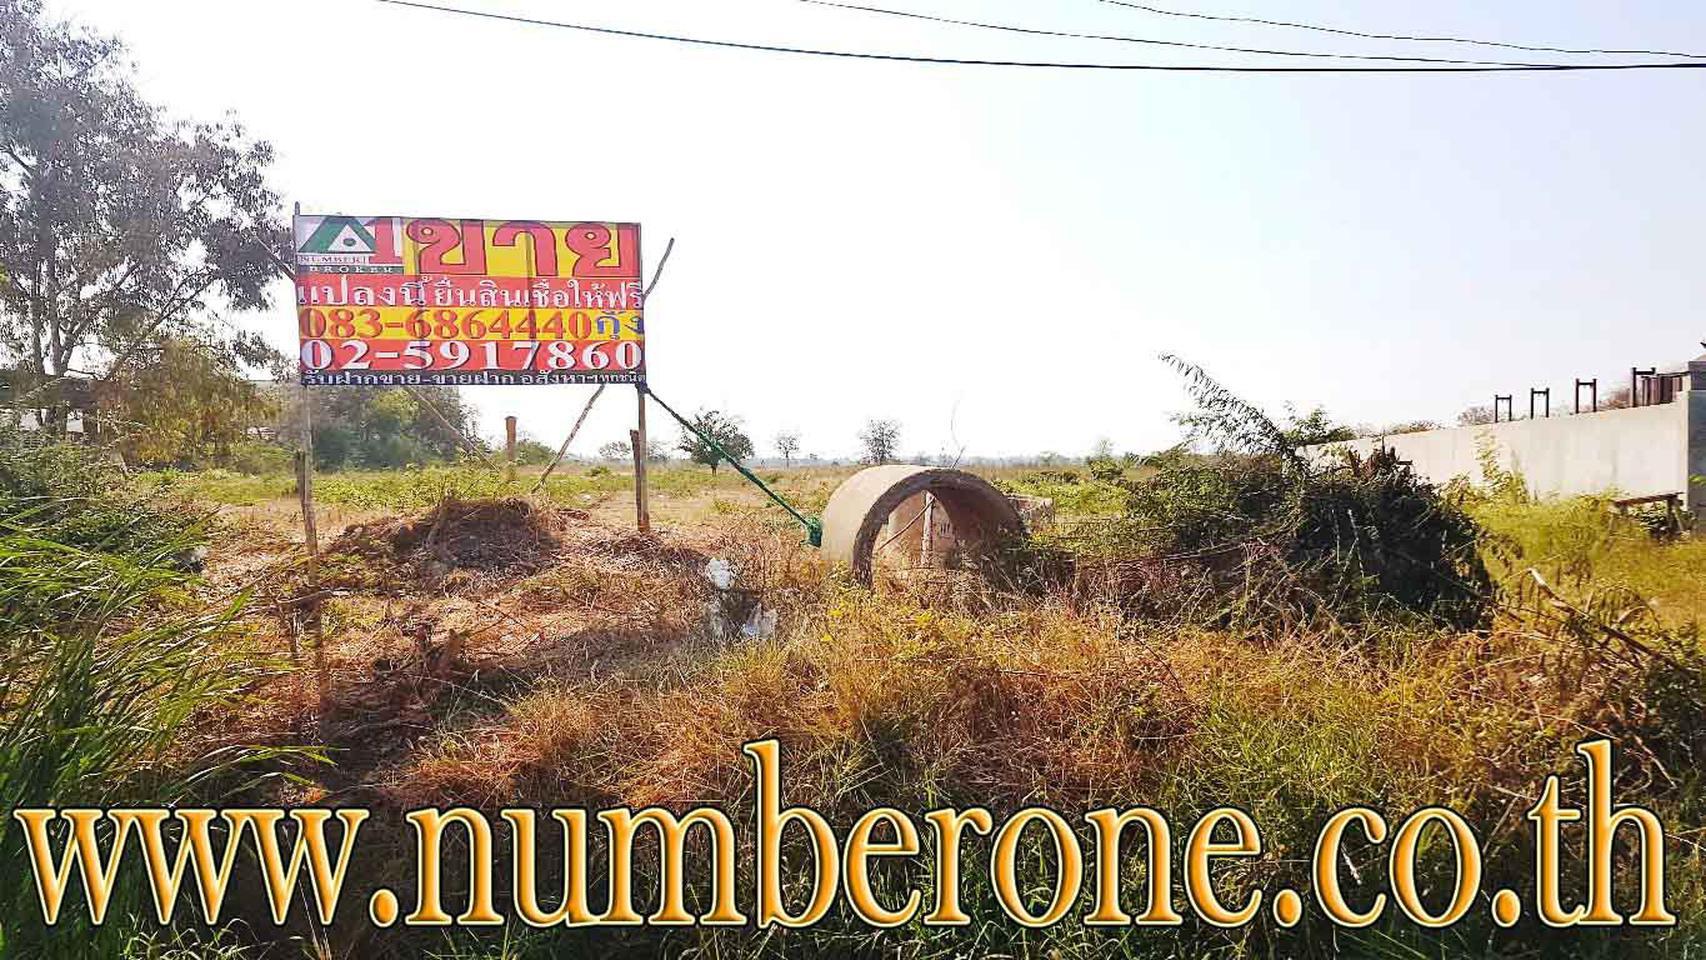 ขายที่ดินน่าลงทุน ถ.ชัยภูมิ-สีคิ้ว อ.เมืองชัยภูมิ จ.ชัยภูมิ รูปที่ 1